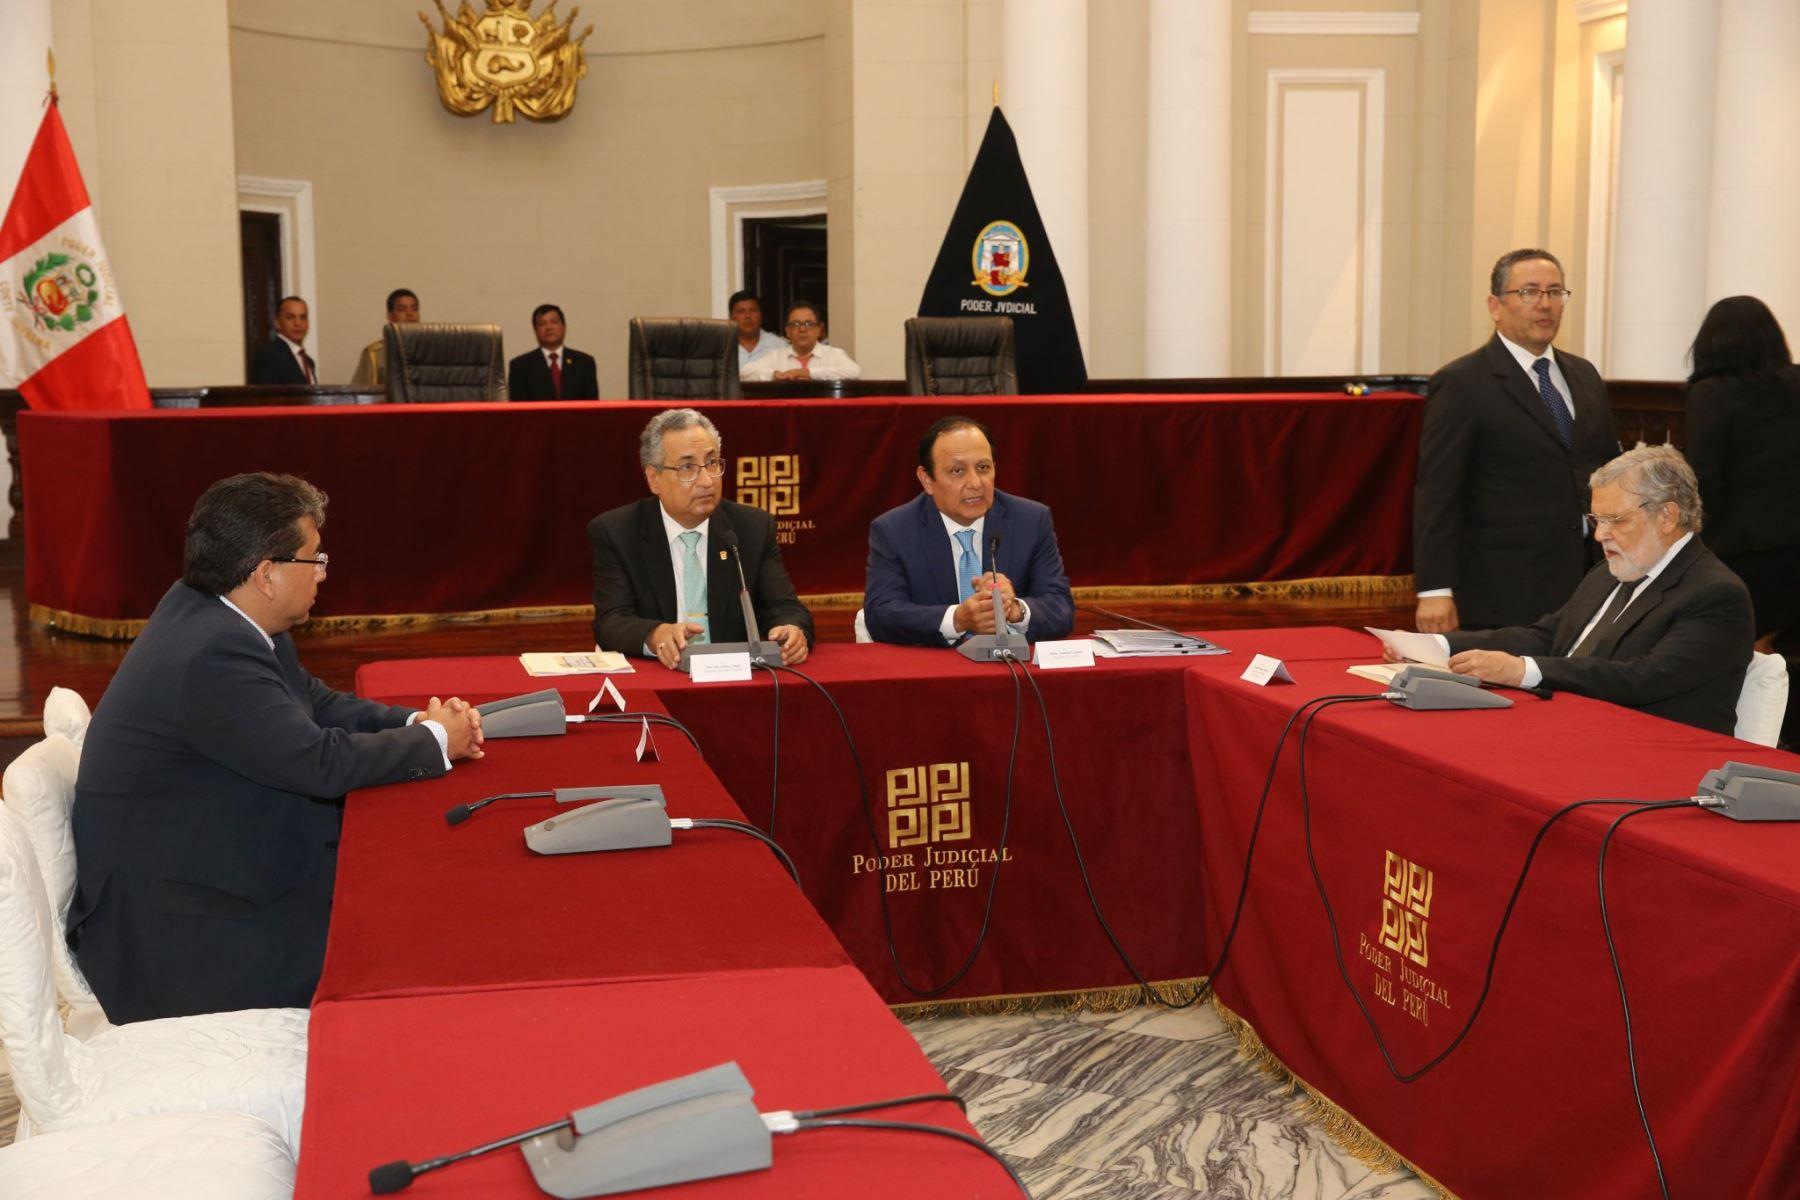 Comisión Especial que designará a los integrantes de la Junta Nacional de Justicia.